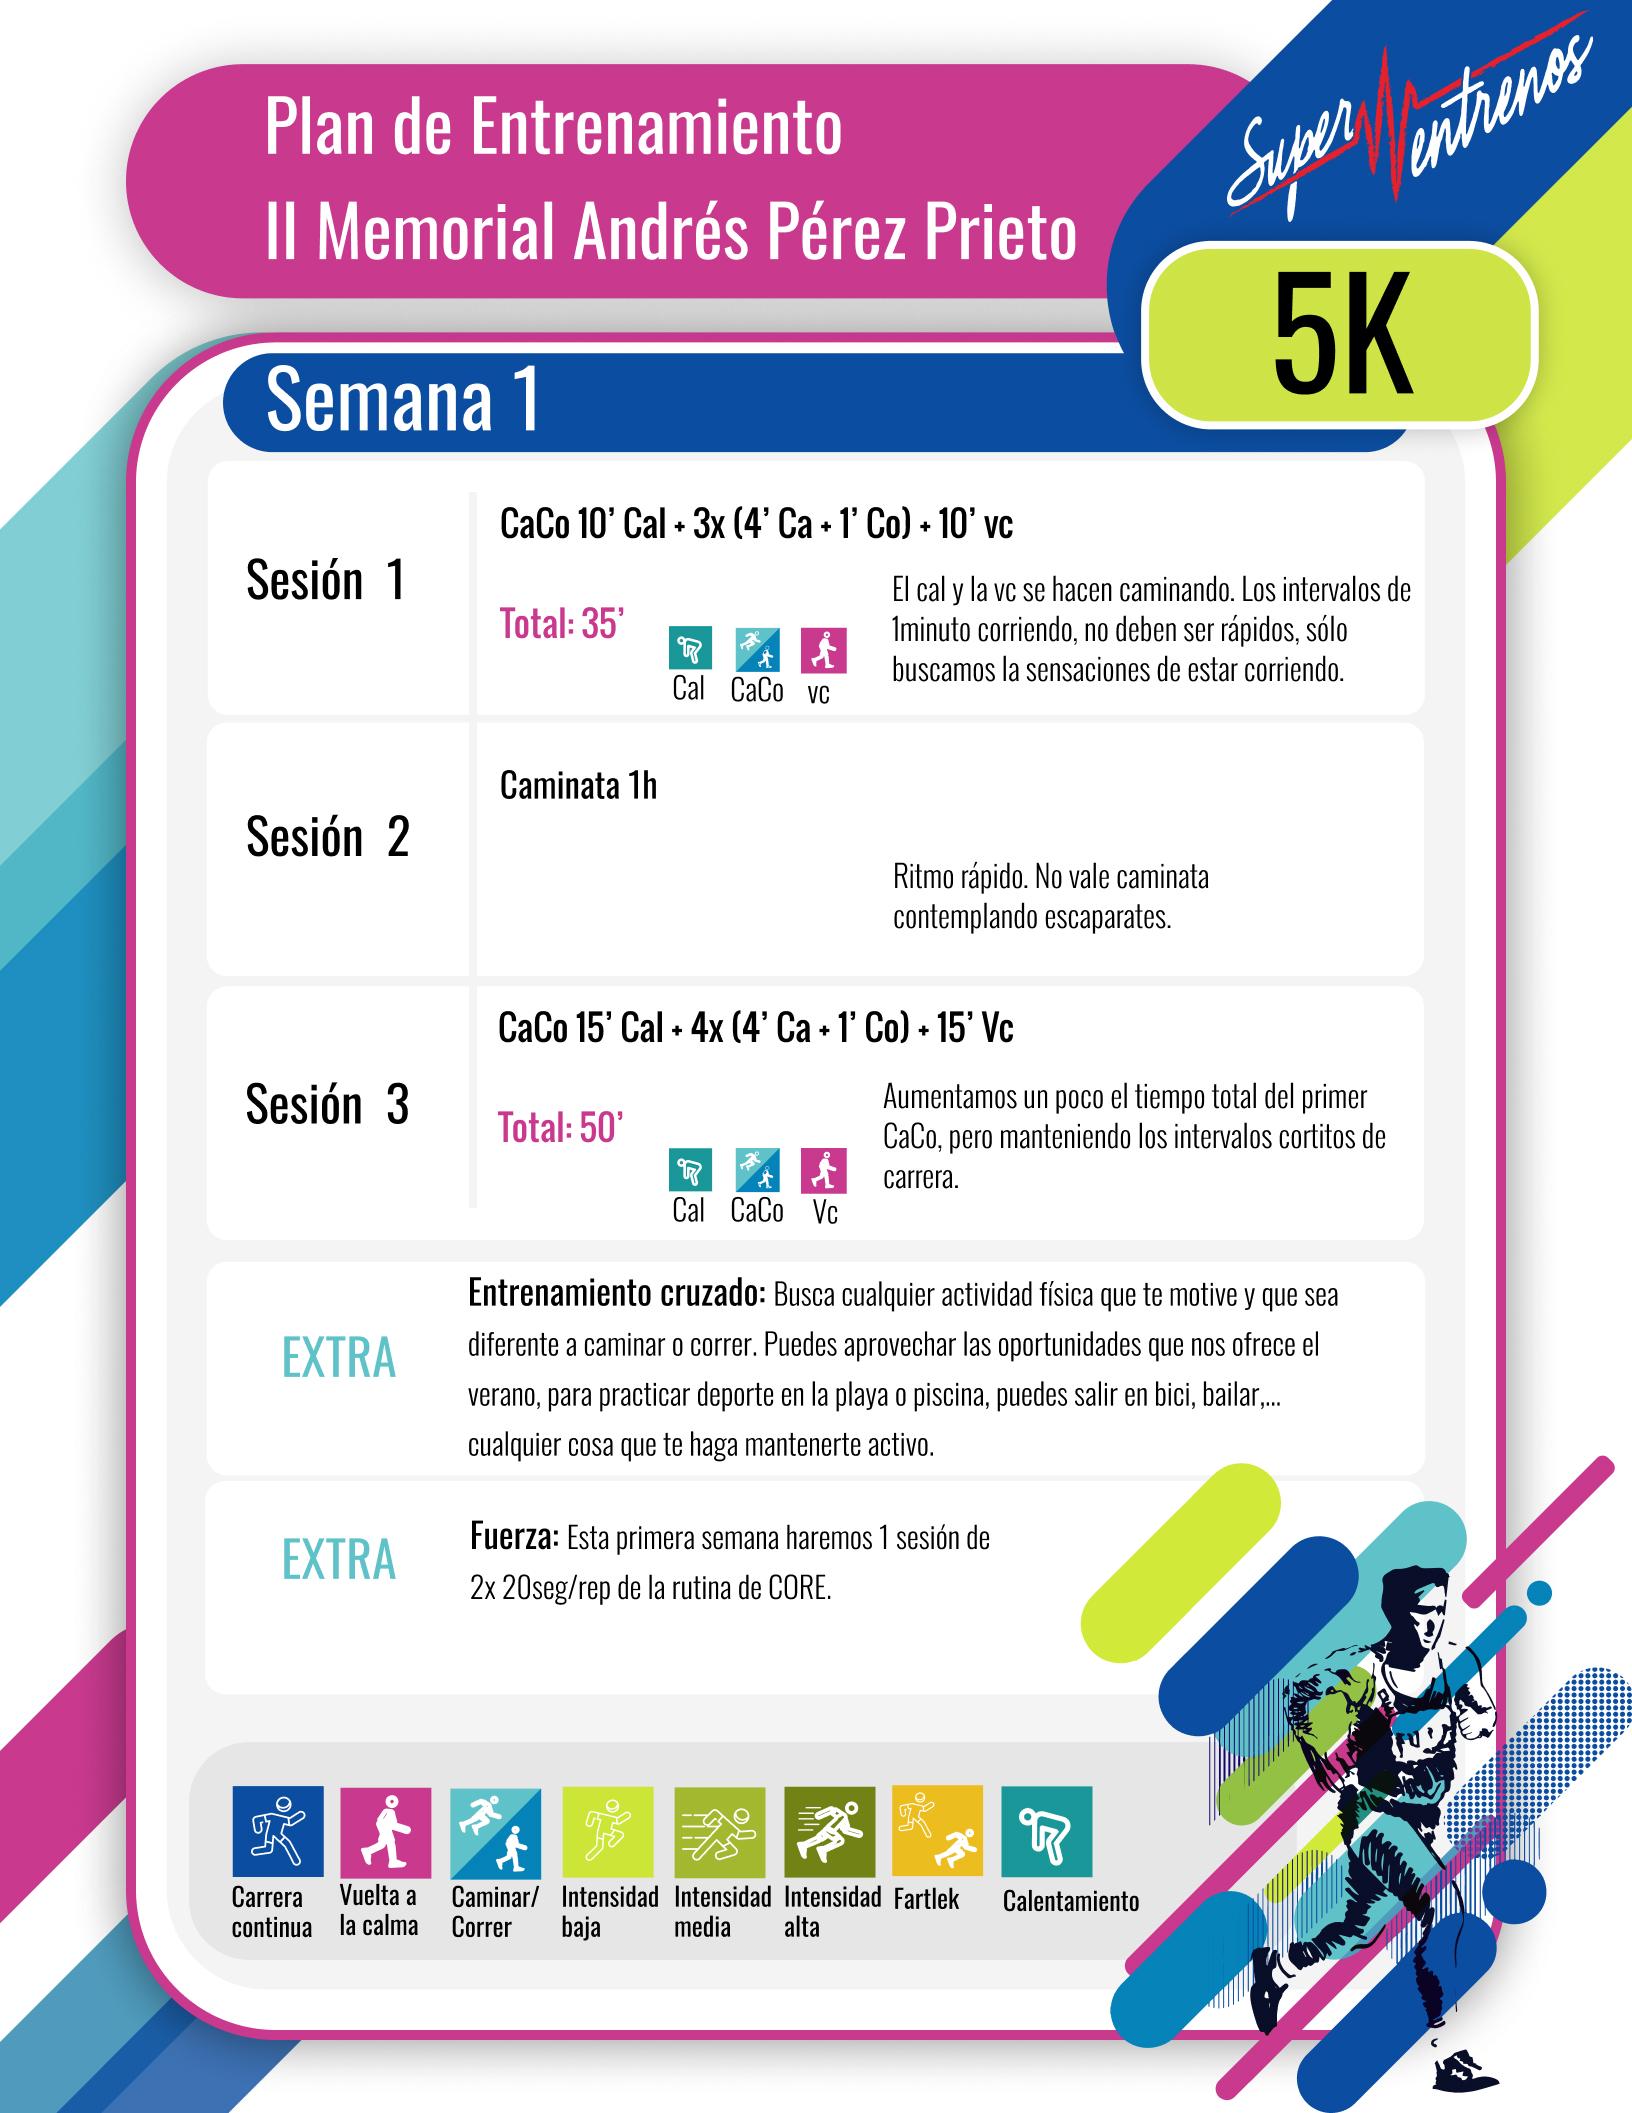 Tablas De Entreno 2020 Semana 1 5k